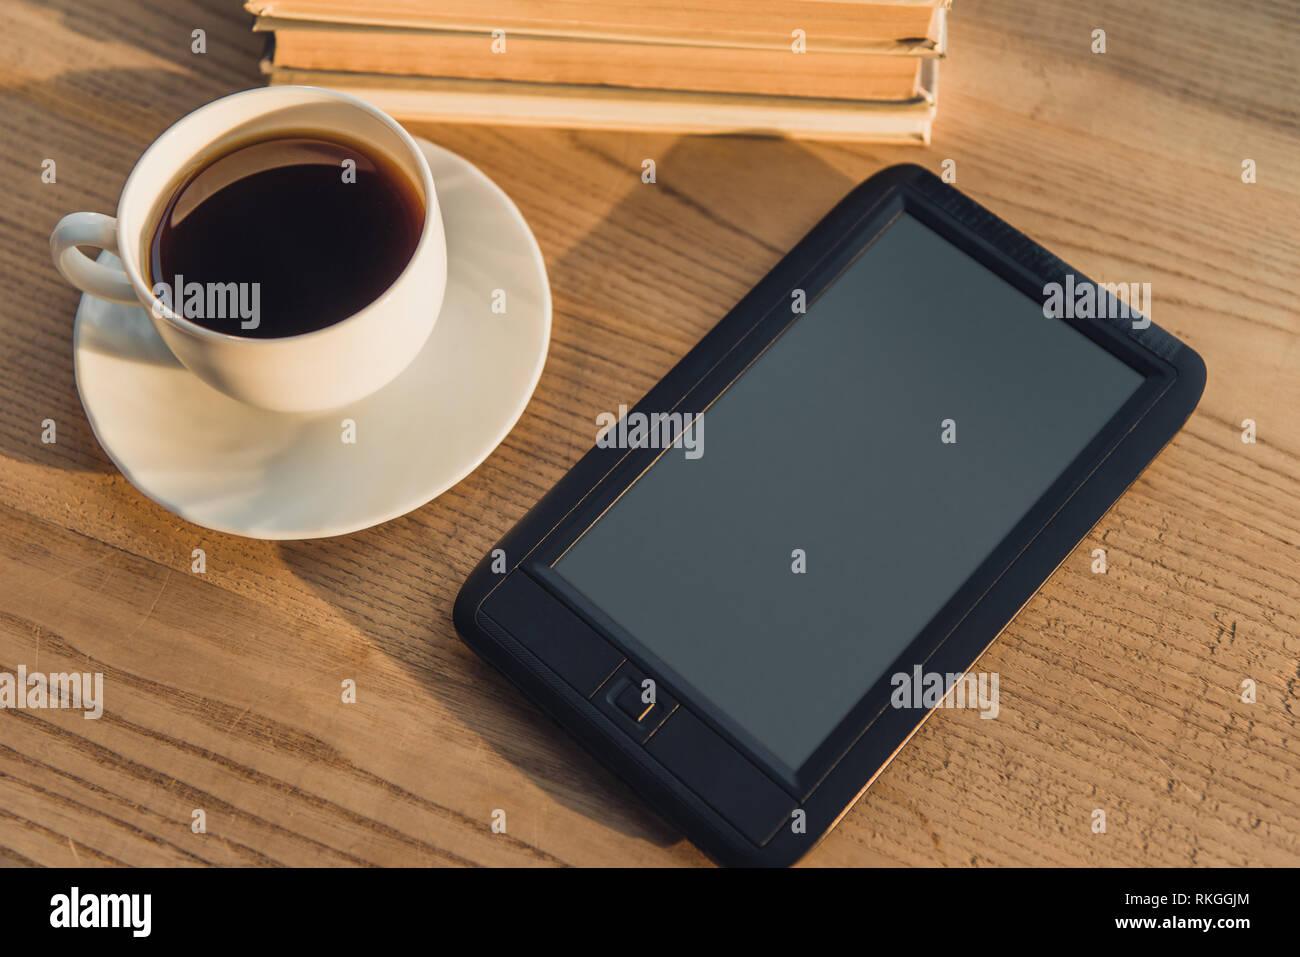 E-reader noir avec écran blanc situées près de tasse à café sur le tableau Photo Stock